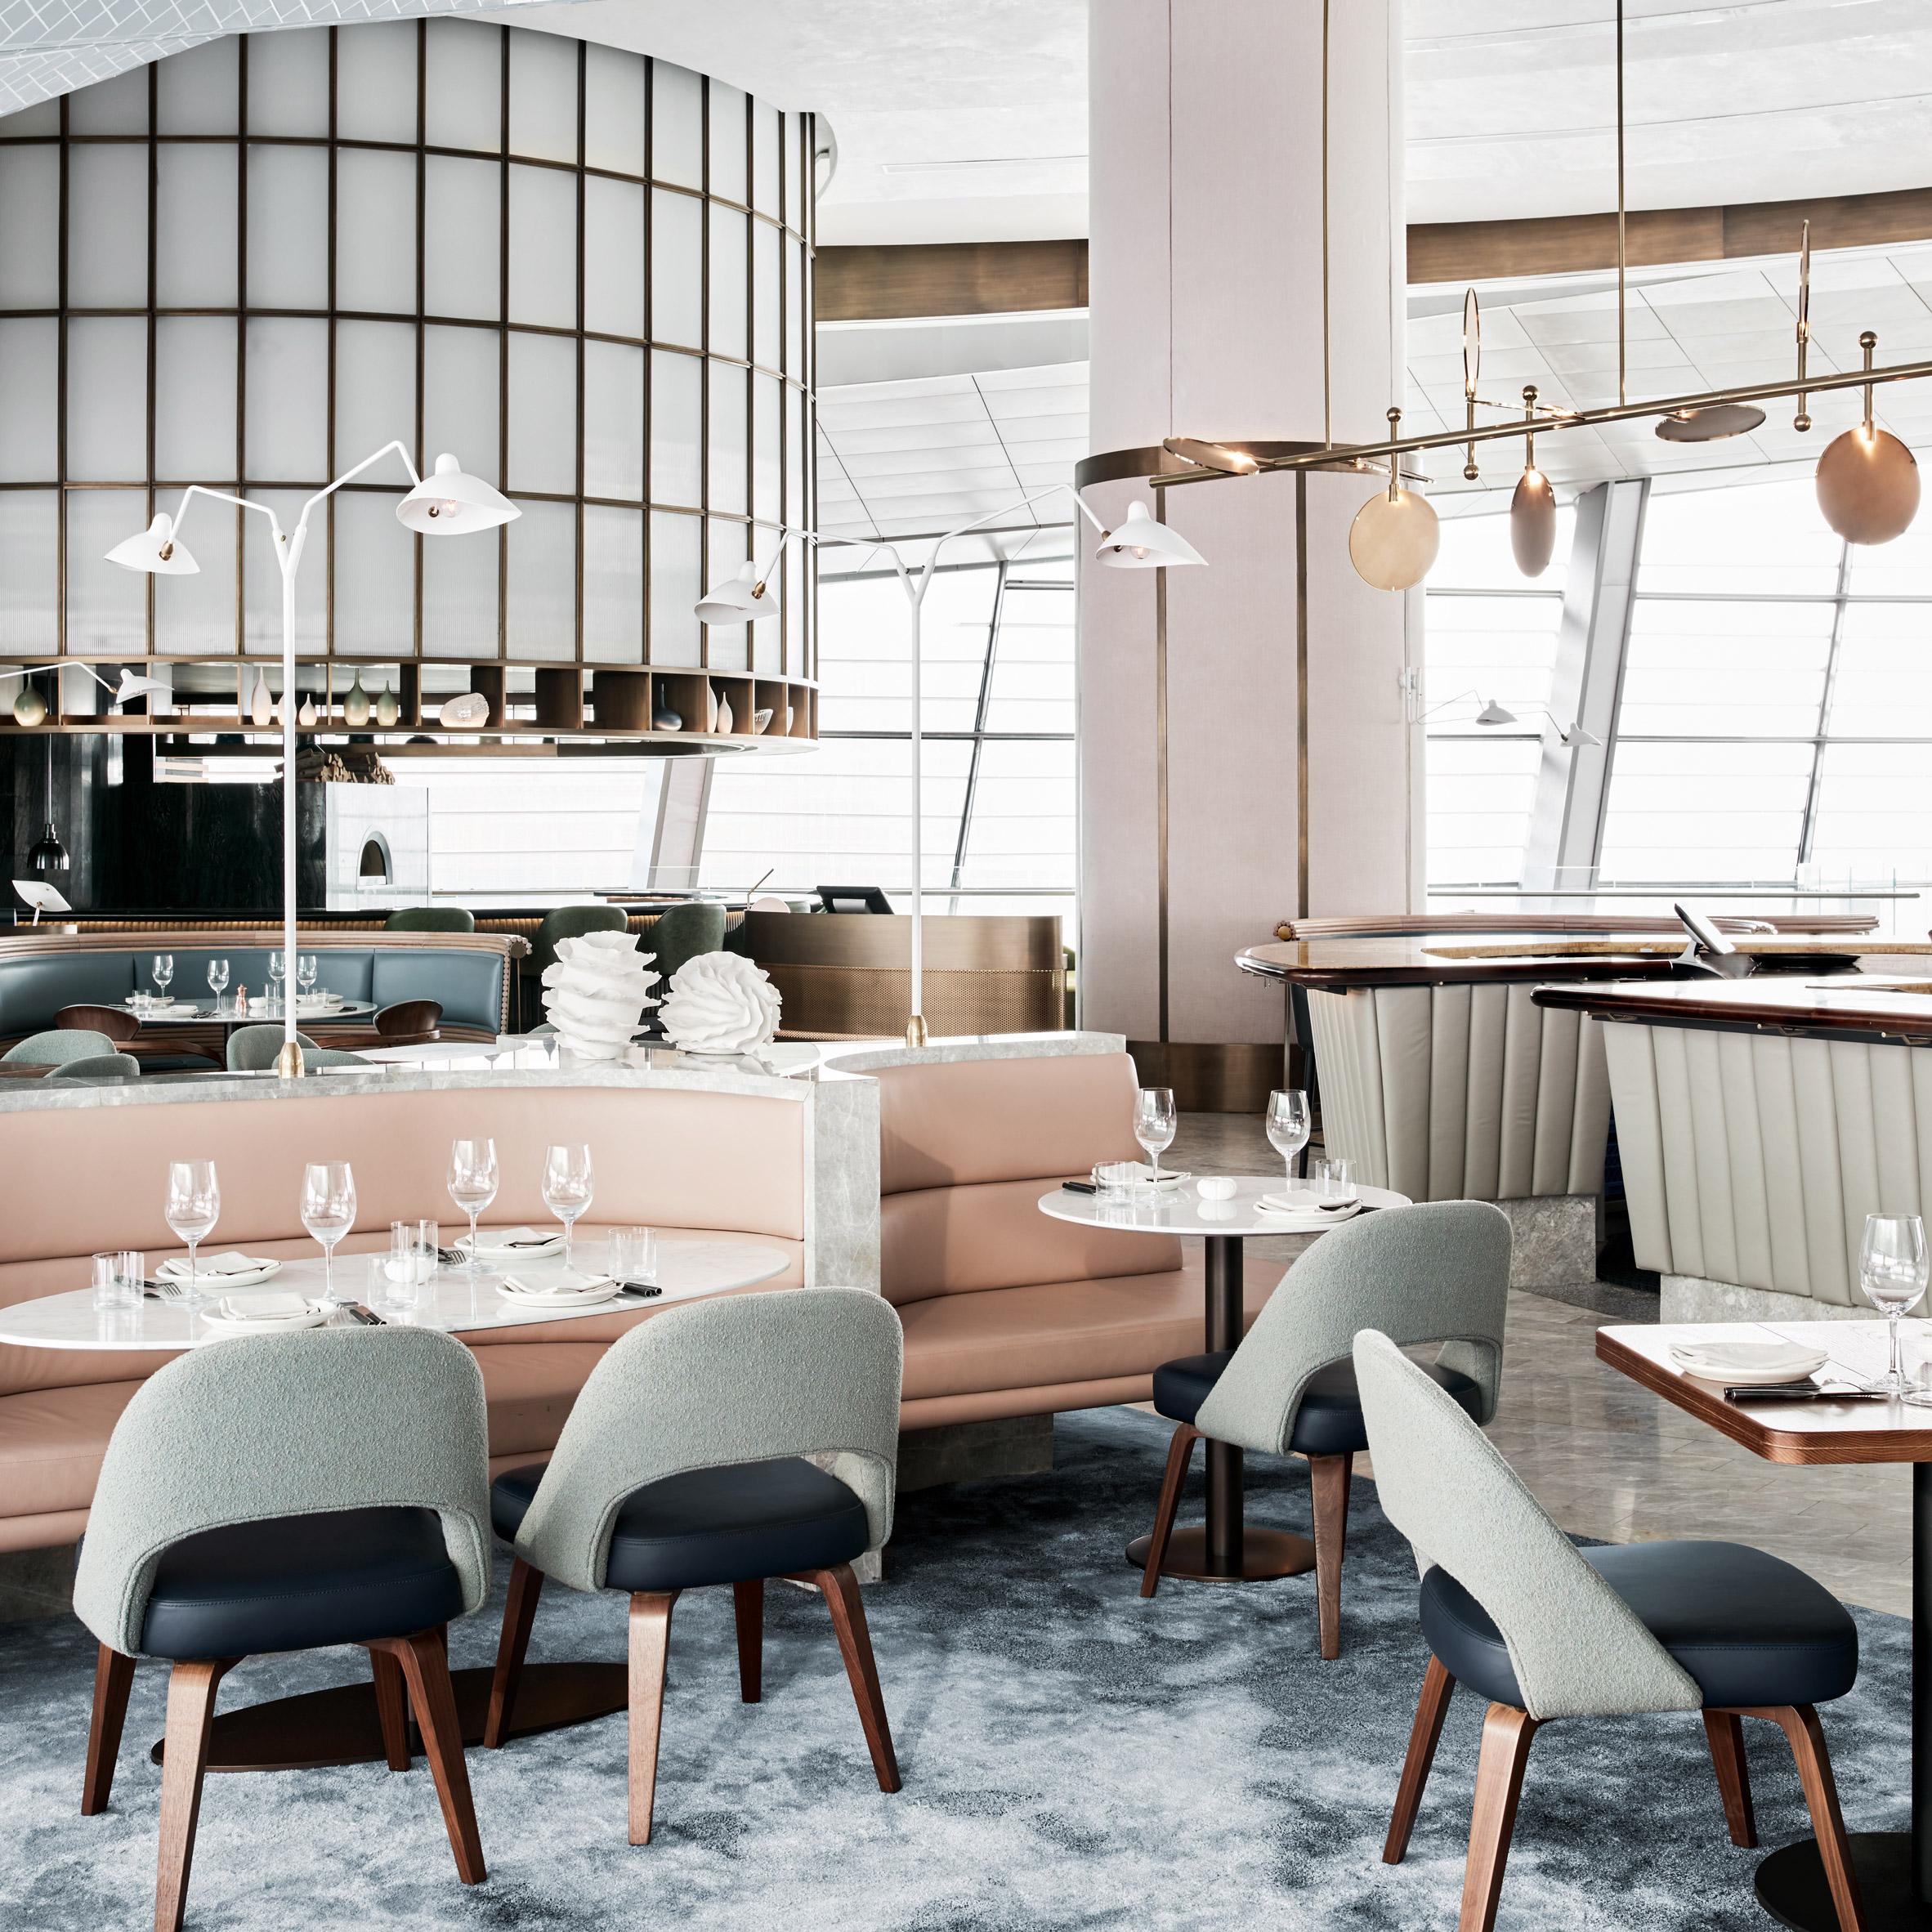 Alexander & Co create an ocean-themed rooftop restaurant in Dubai